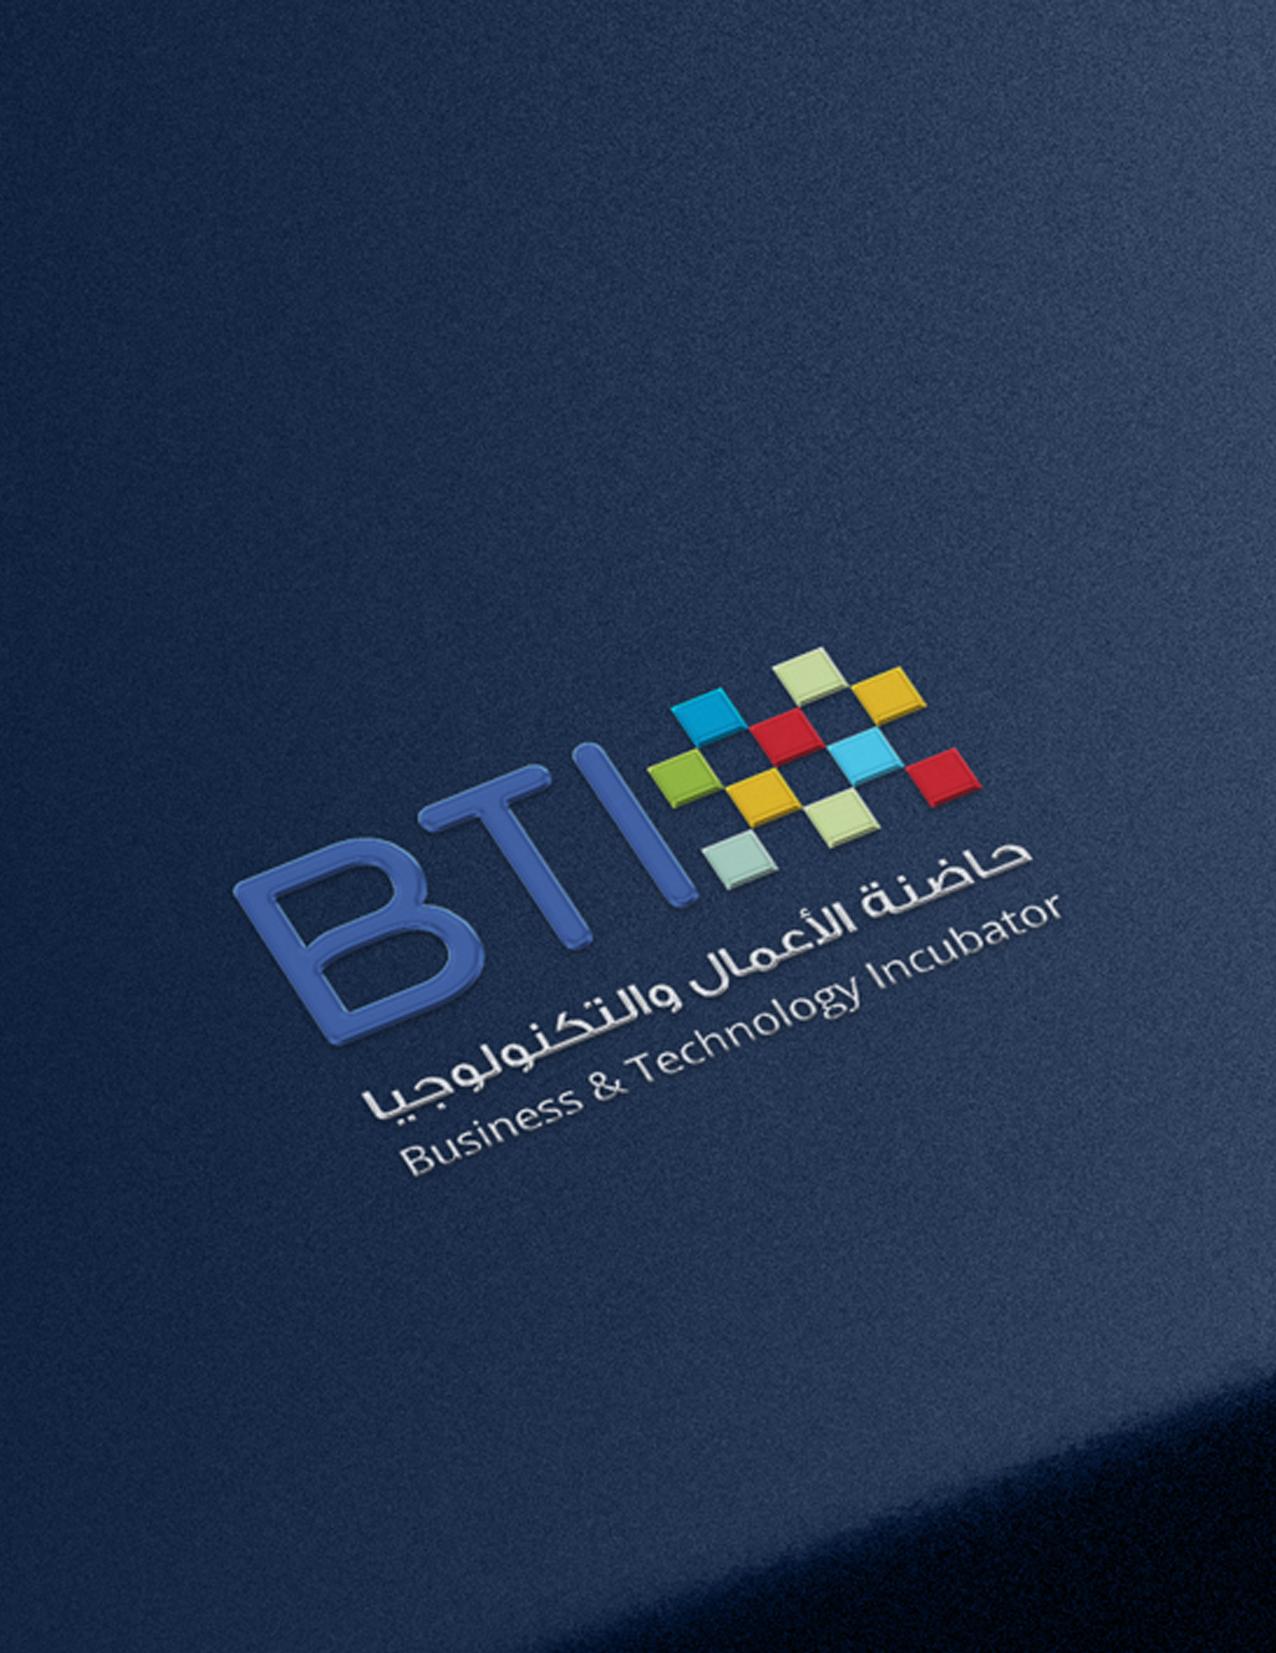 تصميم الهوية البصرية لحاضنة BTI